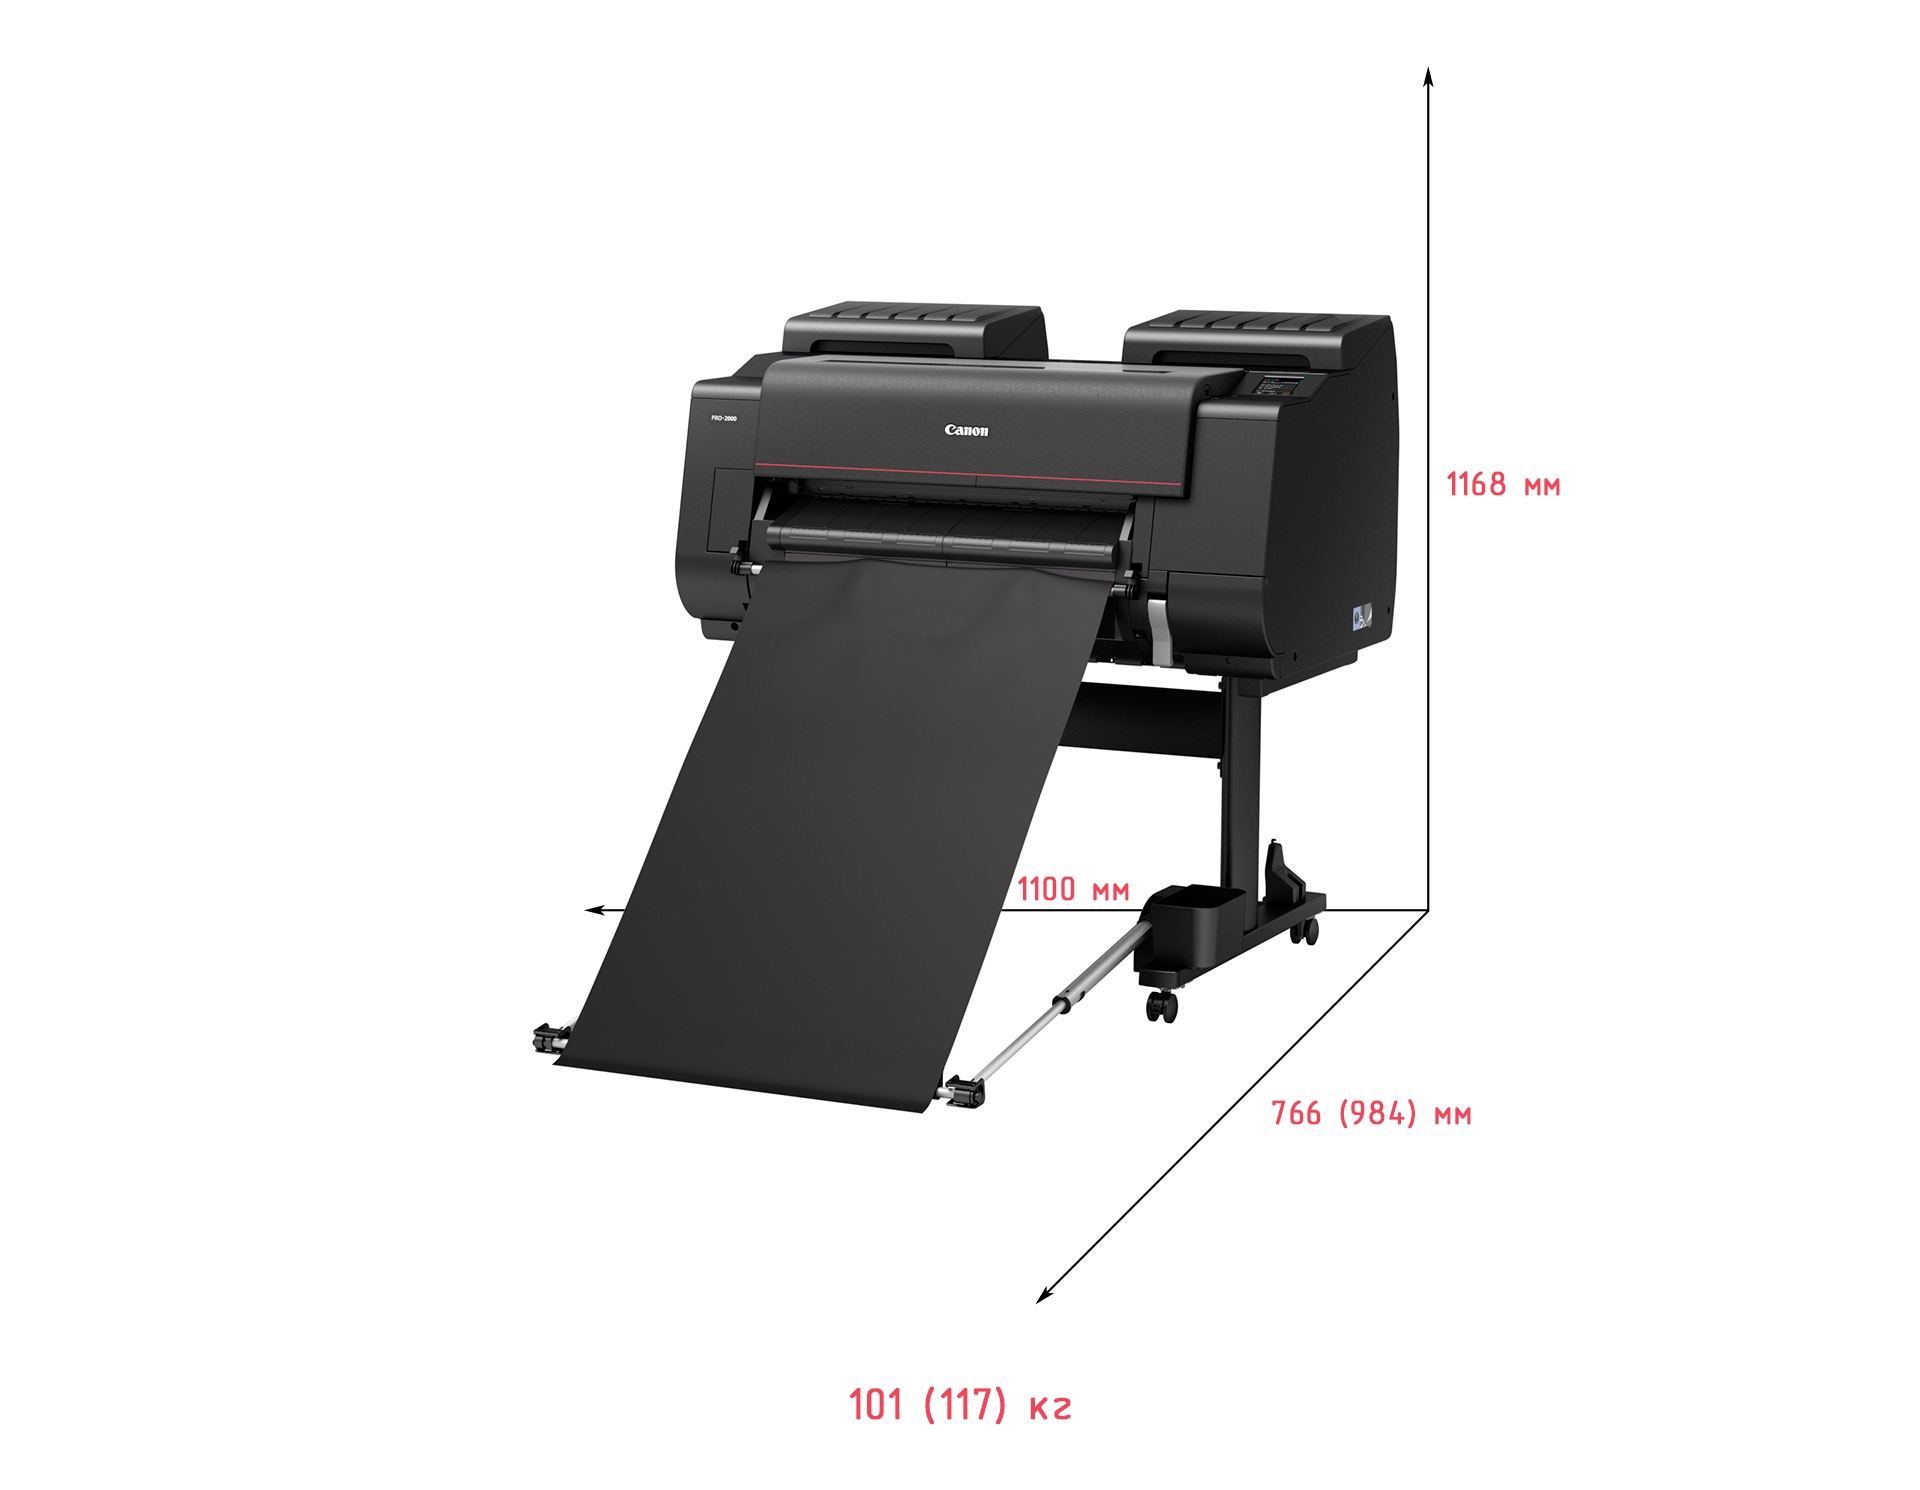 Тонкая красная линия: обзор широкоформатного принтера Canon imagePROGRAF PRO-2000 - 3